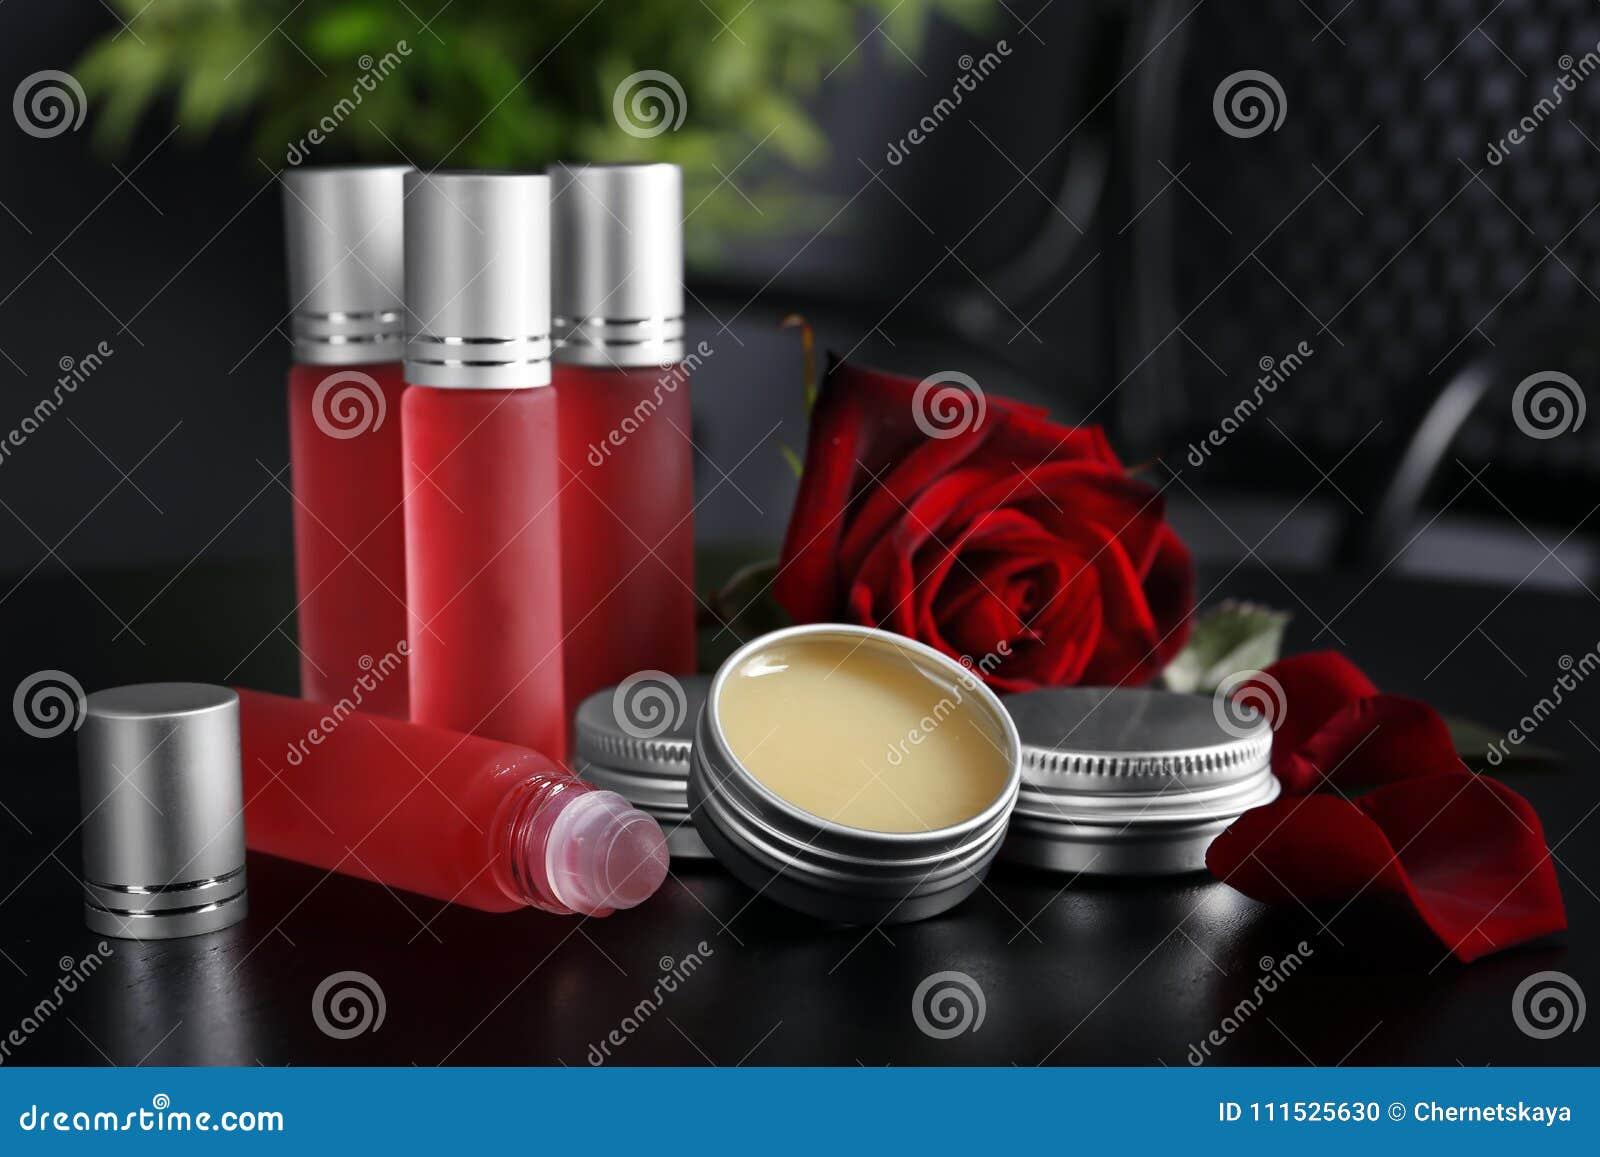 As garrafas, recipientes com perfume e aumentaram